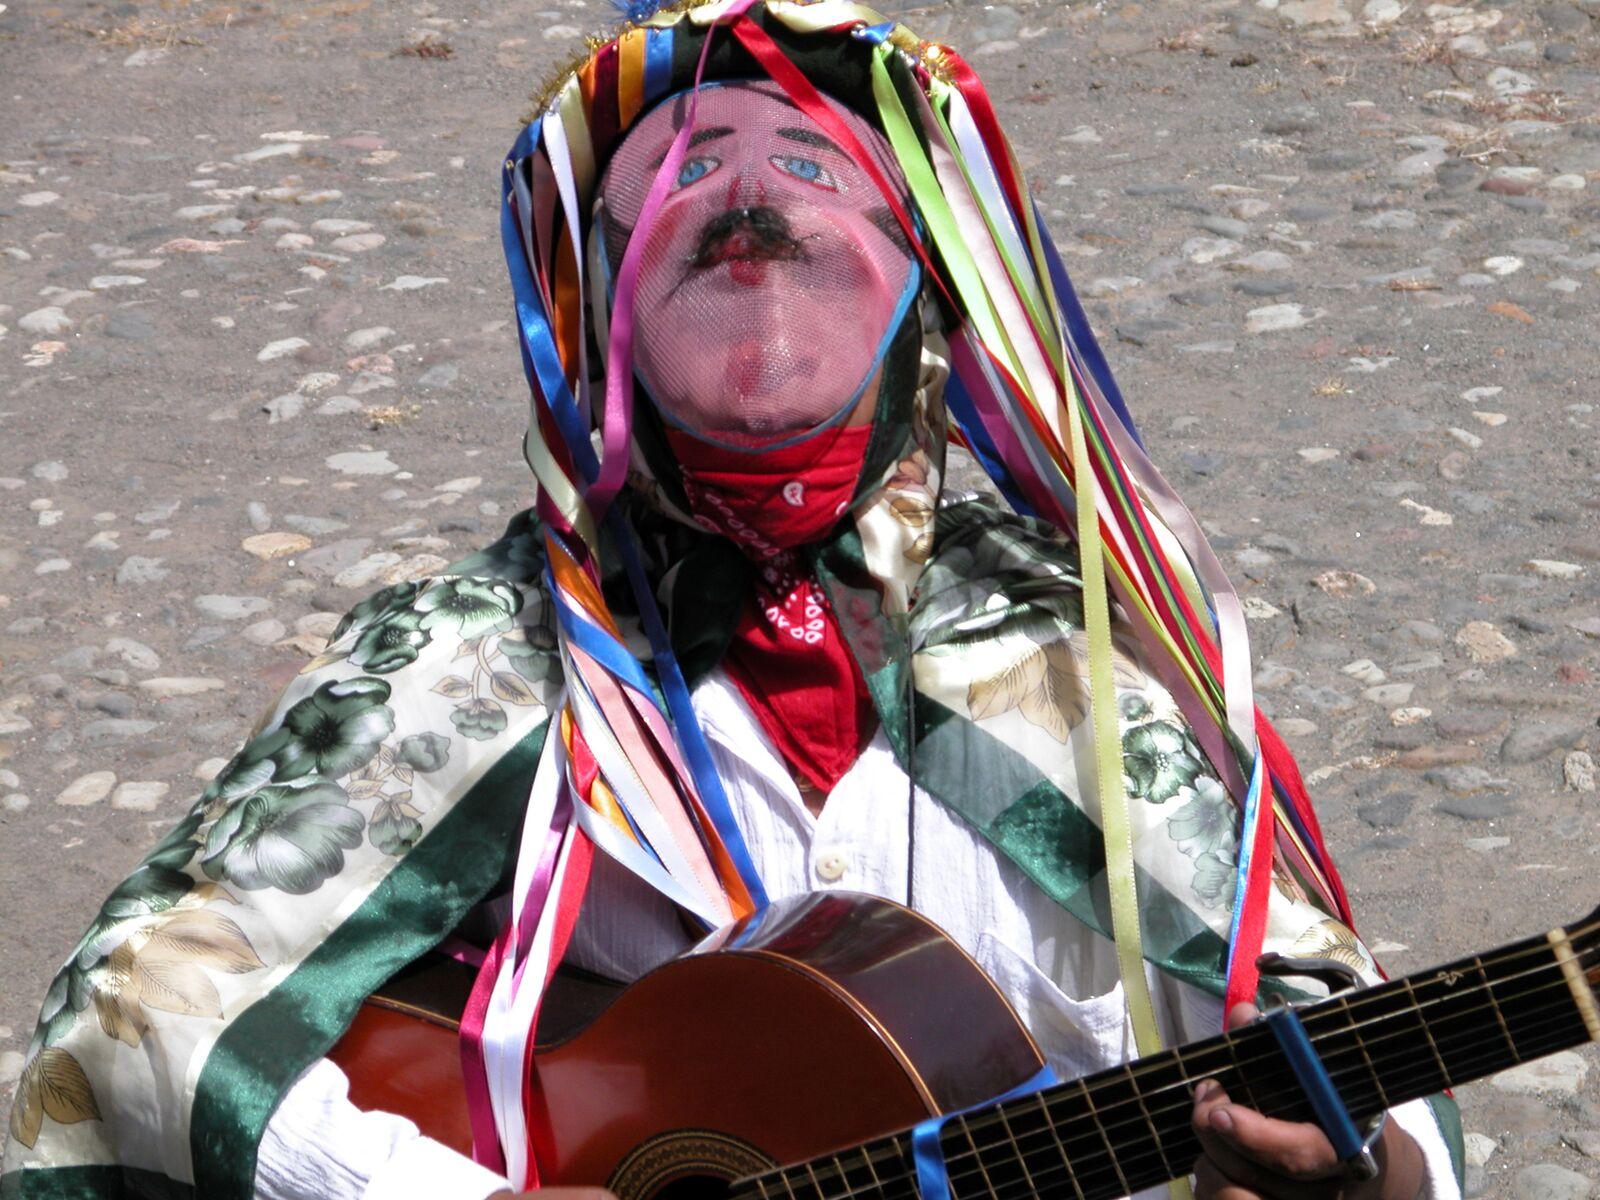 Reise in Galapagos und Ecuador in Südamerika. Ein einehimischer Mann in traditioneller Kleidung spielt Gitarre auf der Strasse.